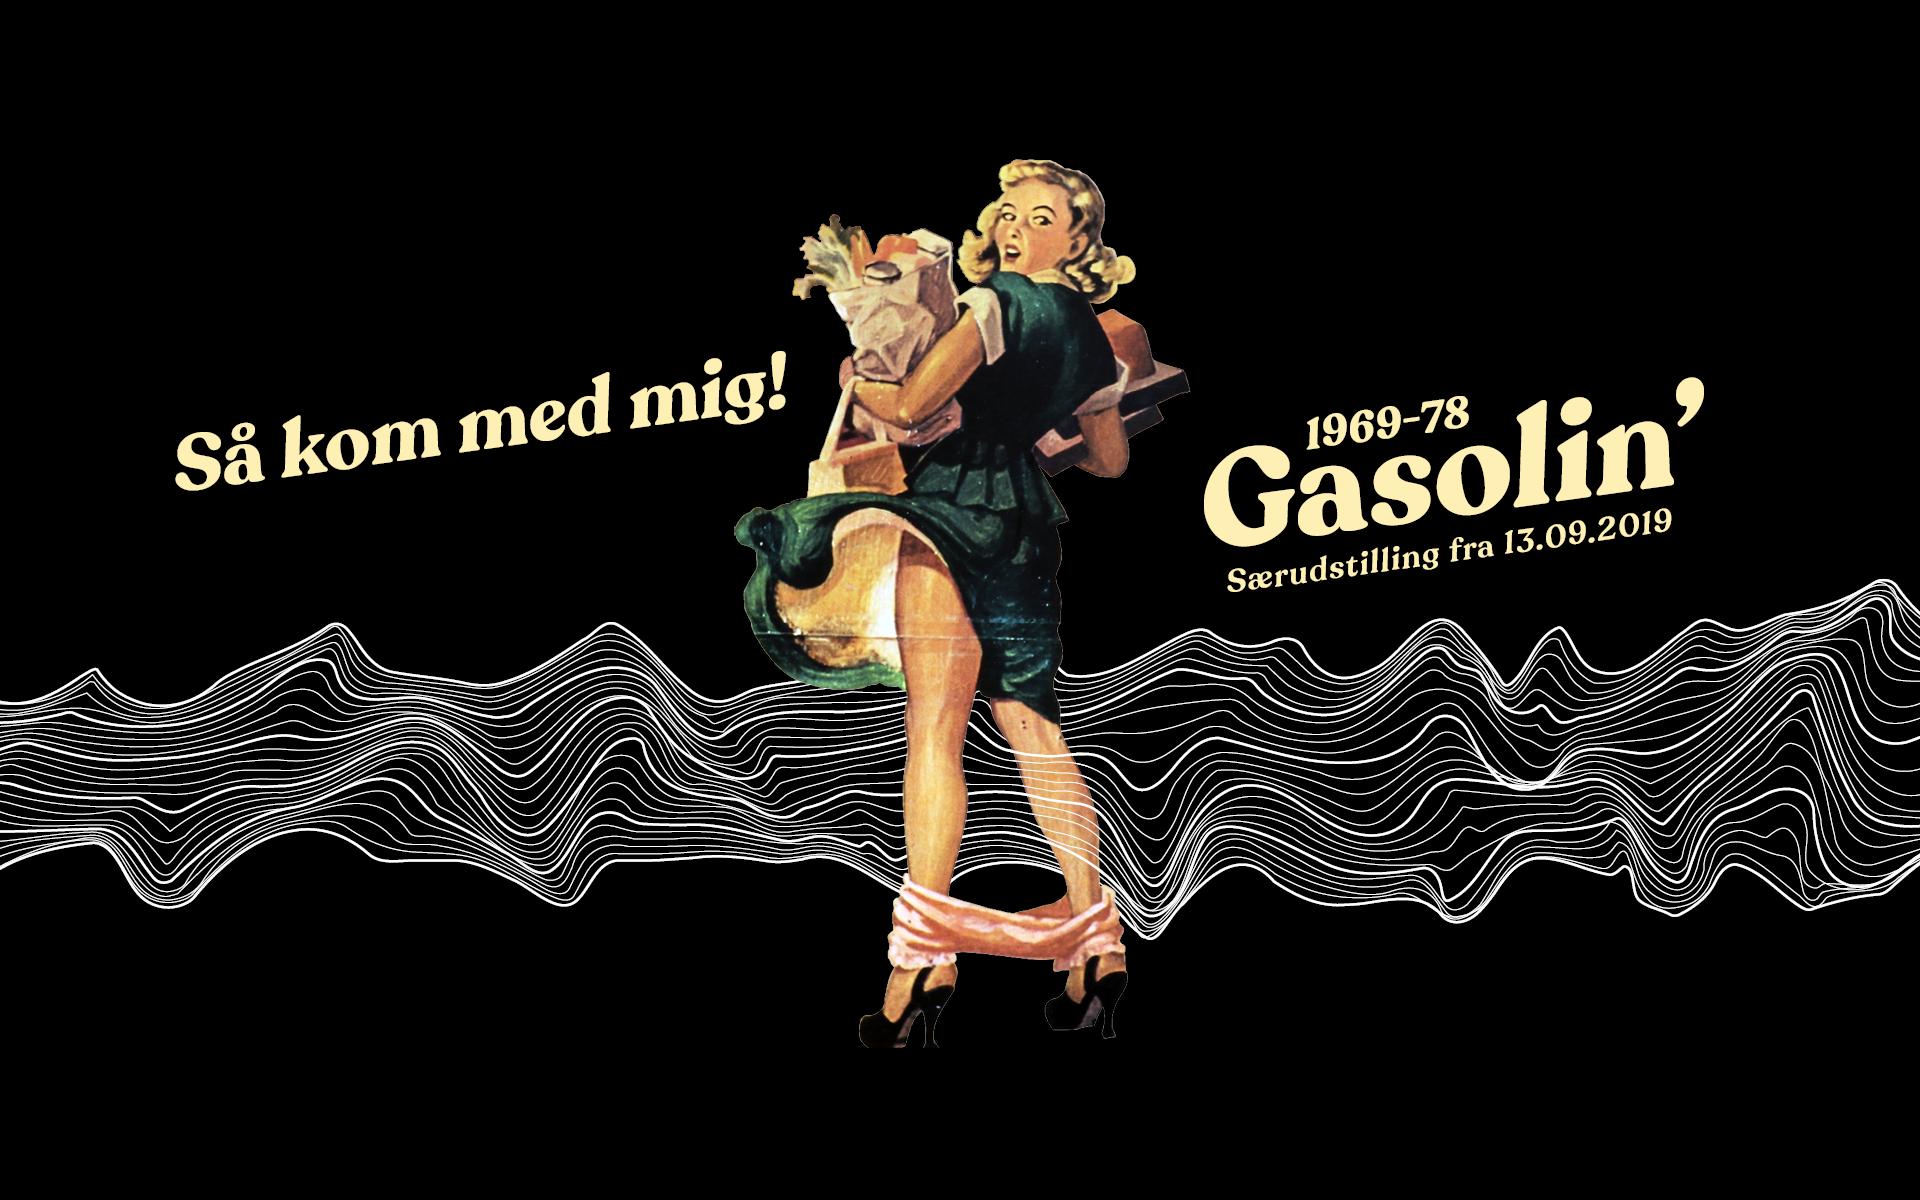 Gasolin_kampagne_Webbanner_desktop